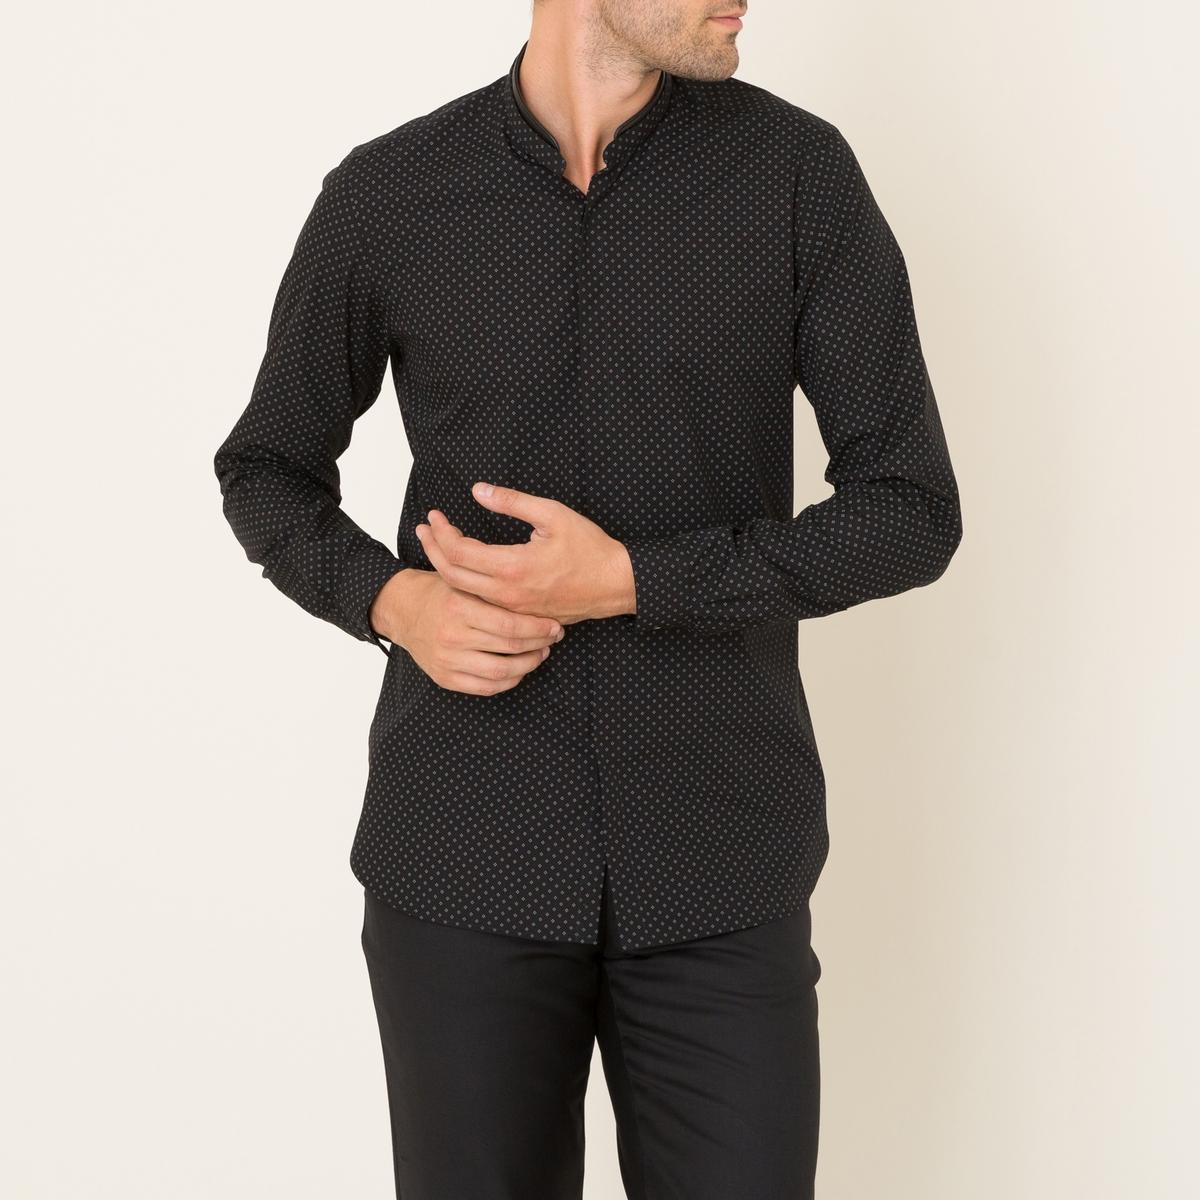 Рубашка с рисунком со вставкой из кожиСостав &amp; Детали Материал : поплин, 100% хлопокВставка 100% кожа ягненка Марка : THE KOOPLES<br><br>Цвет: черный